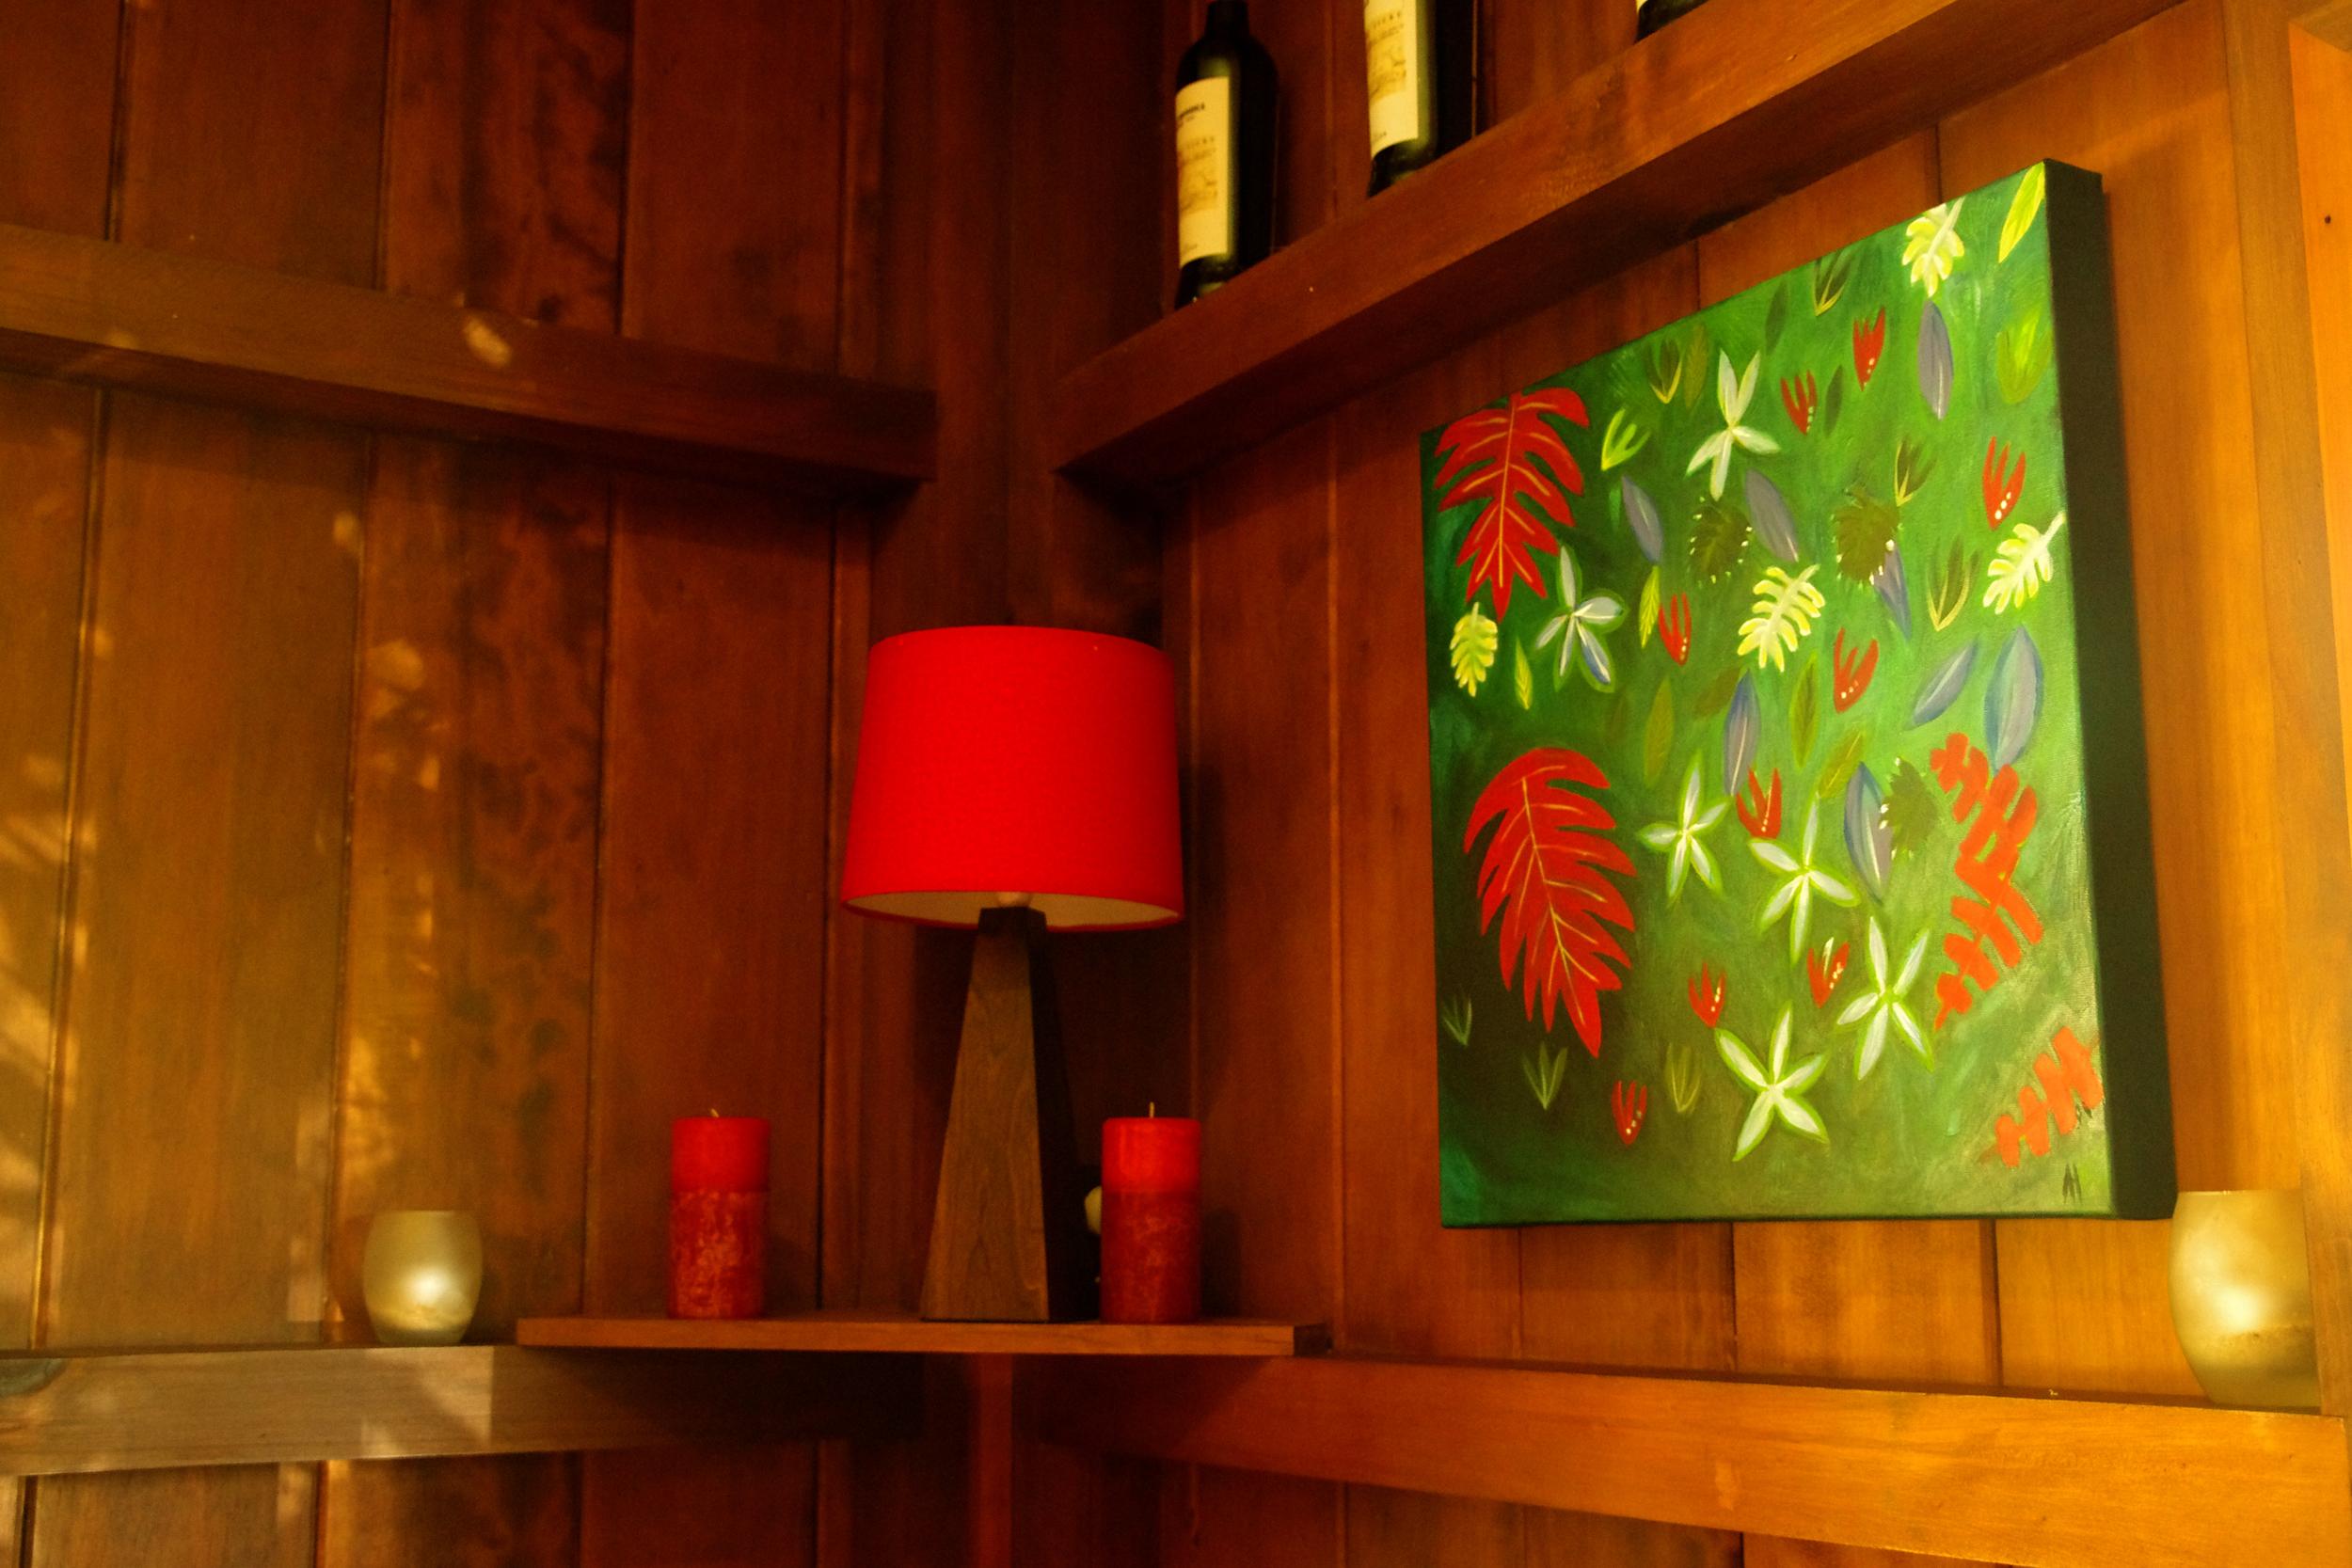 Stormflowers#2 at #HilliRestaurant